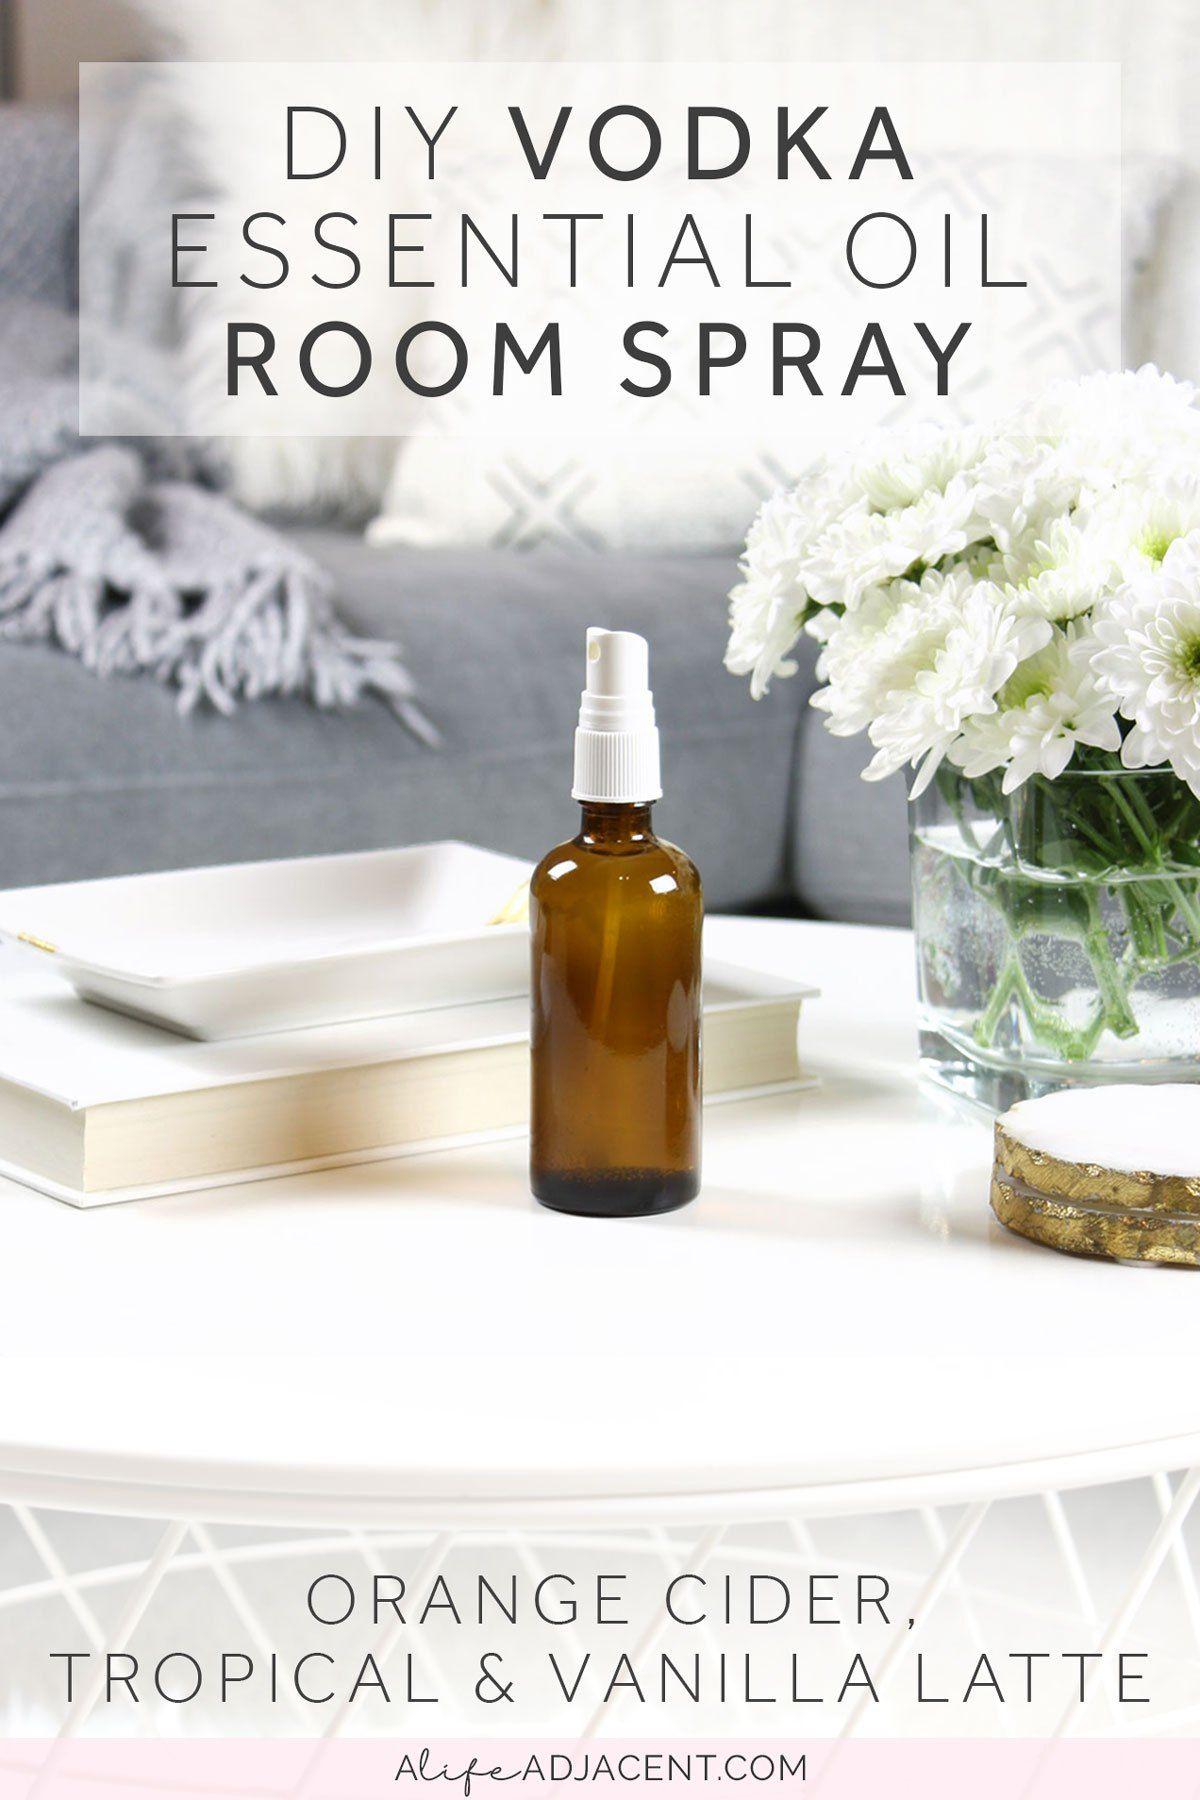 DIY Vodka Room Spray With Essential Oils (Vanilla Latte